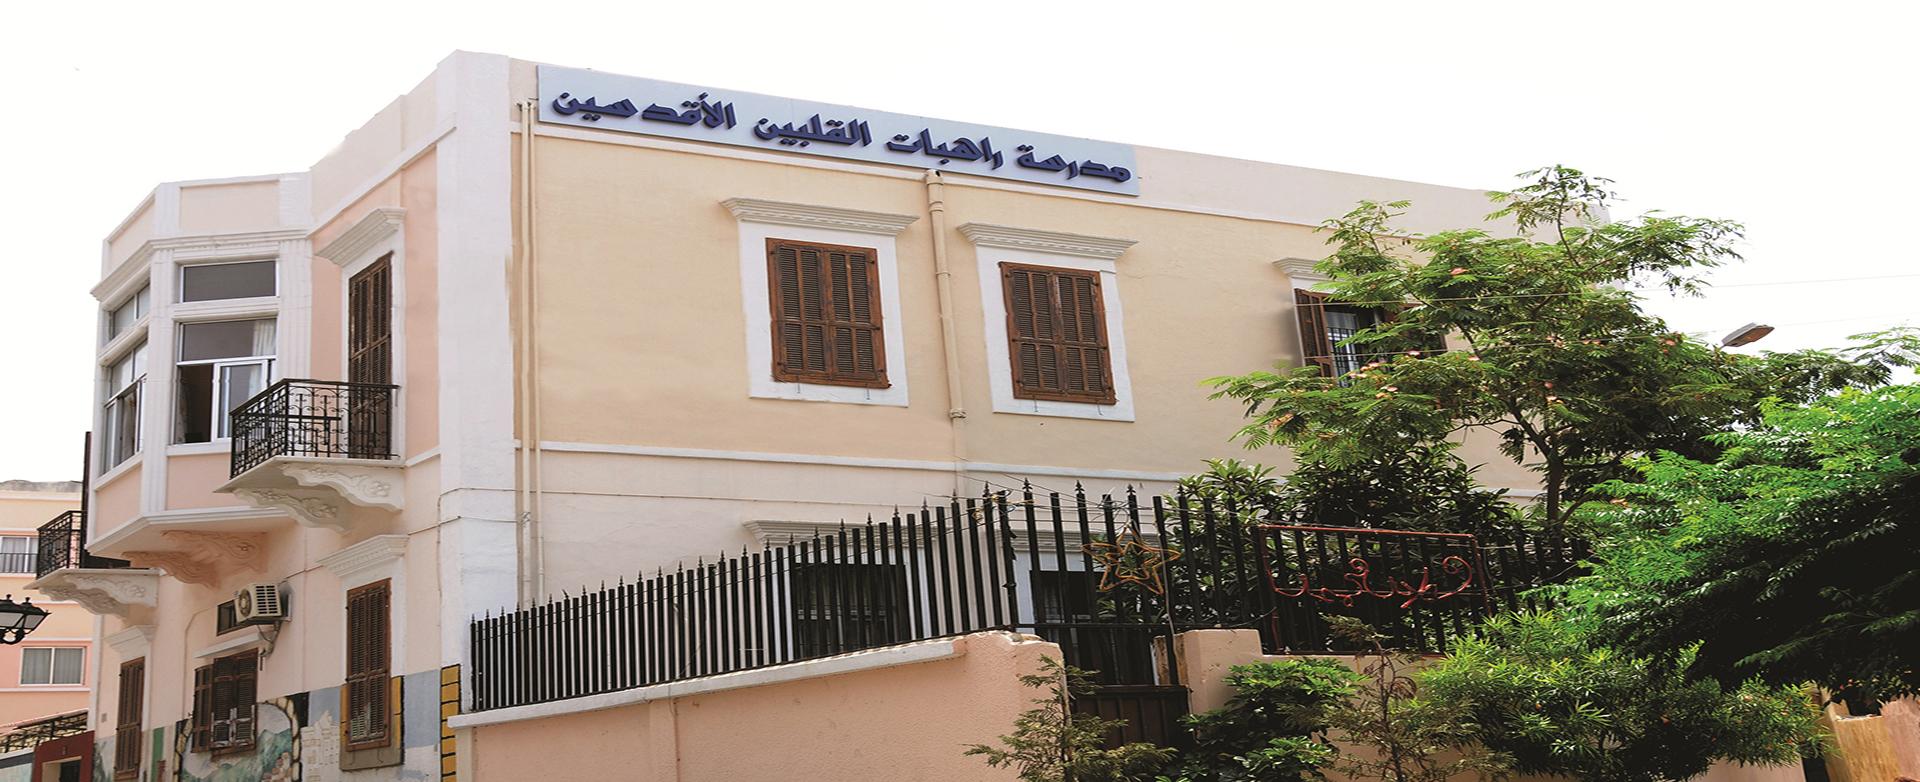 Collège des Sœurs des Saints-Cœurs. Tripoli - Mina  <br> Certifié ISO 9001:2015